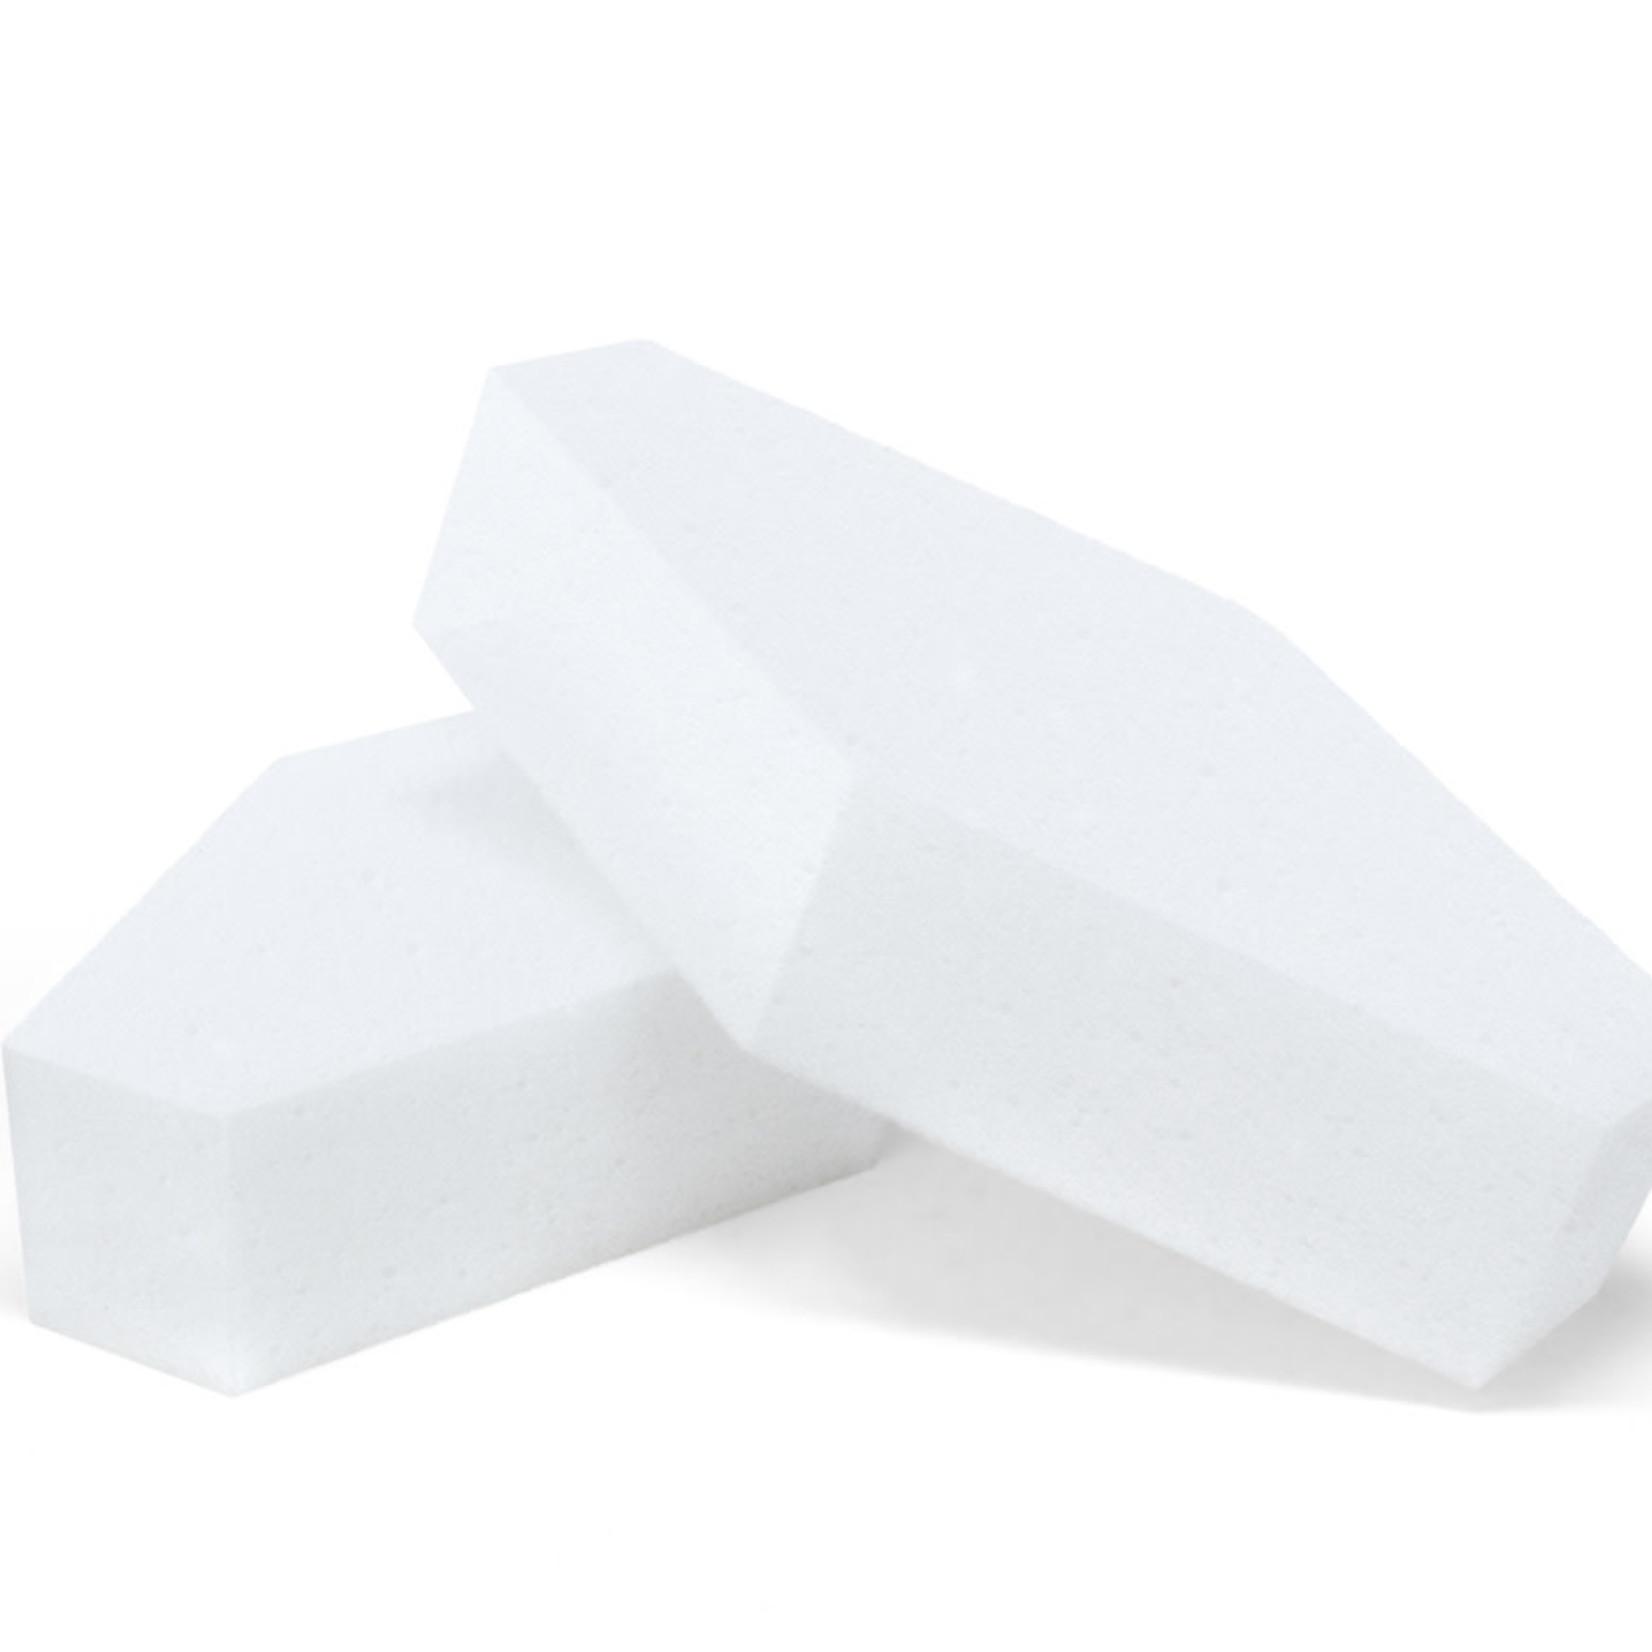 Seachem Eponge - Algae Pad  25 mm (3 Pack)